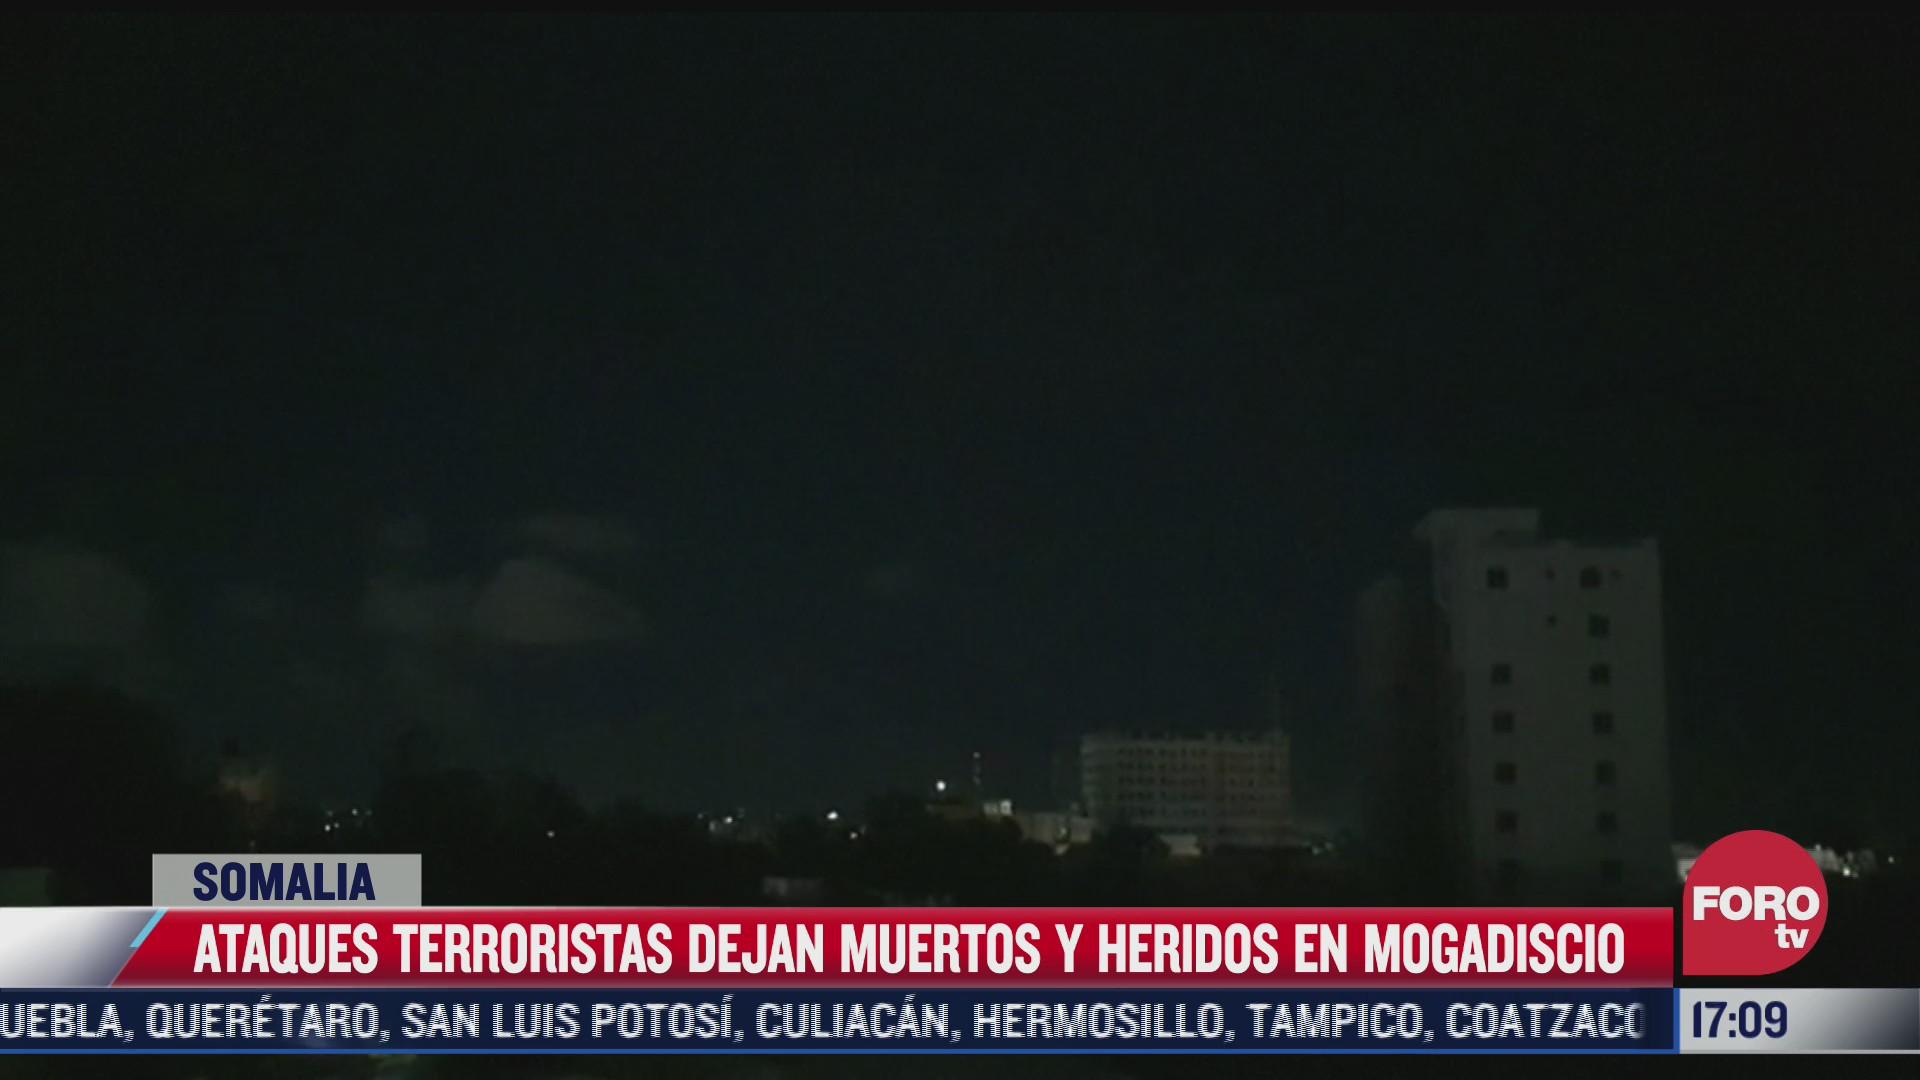 somalia se convierte en blanco de ataques terroristas